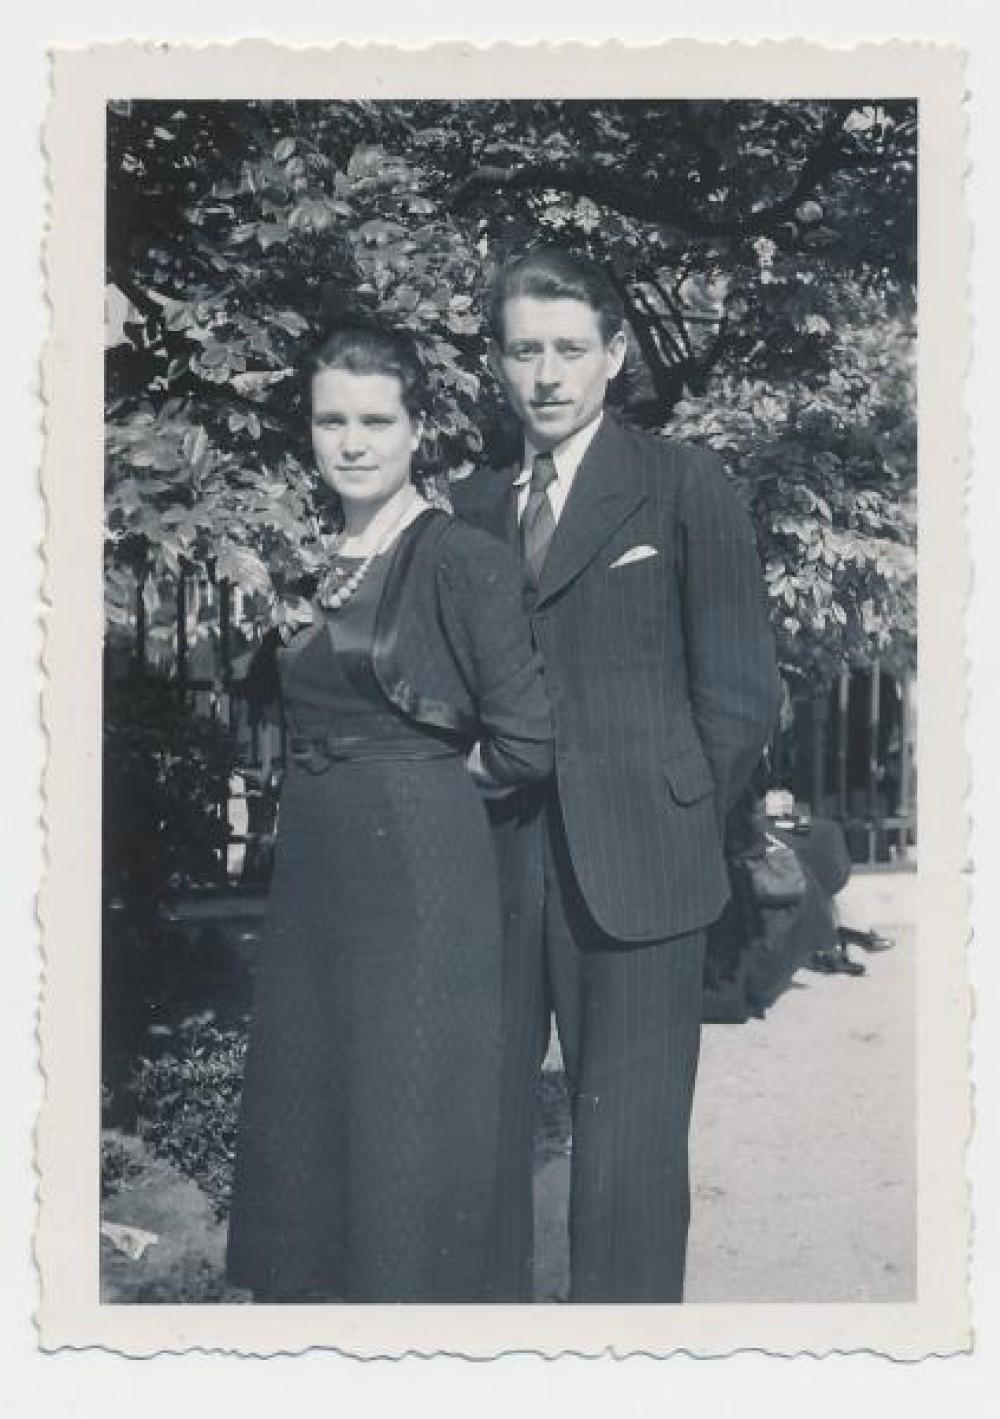 Su žmona Aleksandra Brazdžiūnaite-Rimkūniene. Paryžius, Prancūzija. 1939 m.